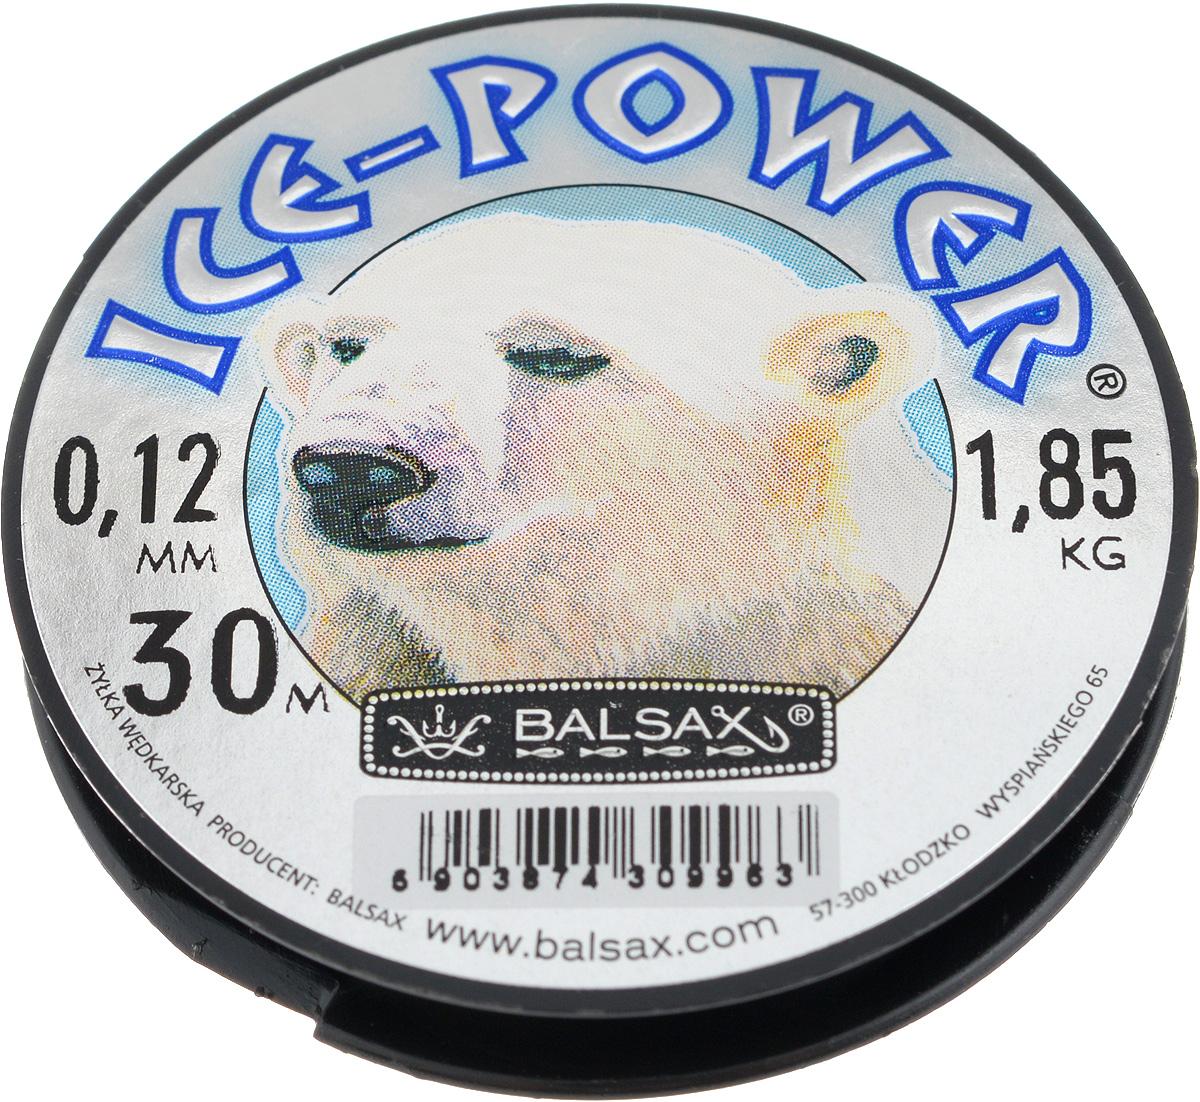 Леска зимняя Balsax Ice Power, 30 м, 0,12 мм, 1,85 кг06/4/07Леска Balsax Ice Power изготовлена из 100% нейлона и очень хорошо выдерживает низкие температуры. Даже в самом холодном климате, при температуре вплоть до -40°C, она сохраняет свои свойства практически без изменений, в то время как традиционные лески становятся менее эластичными и теряют прочность.Поверхность лески обработана таким образом, что она не обмерзает и отлично подходит для подледного лова. Прочна в местах вязки узлов даже при минимальном диаметре.